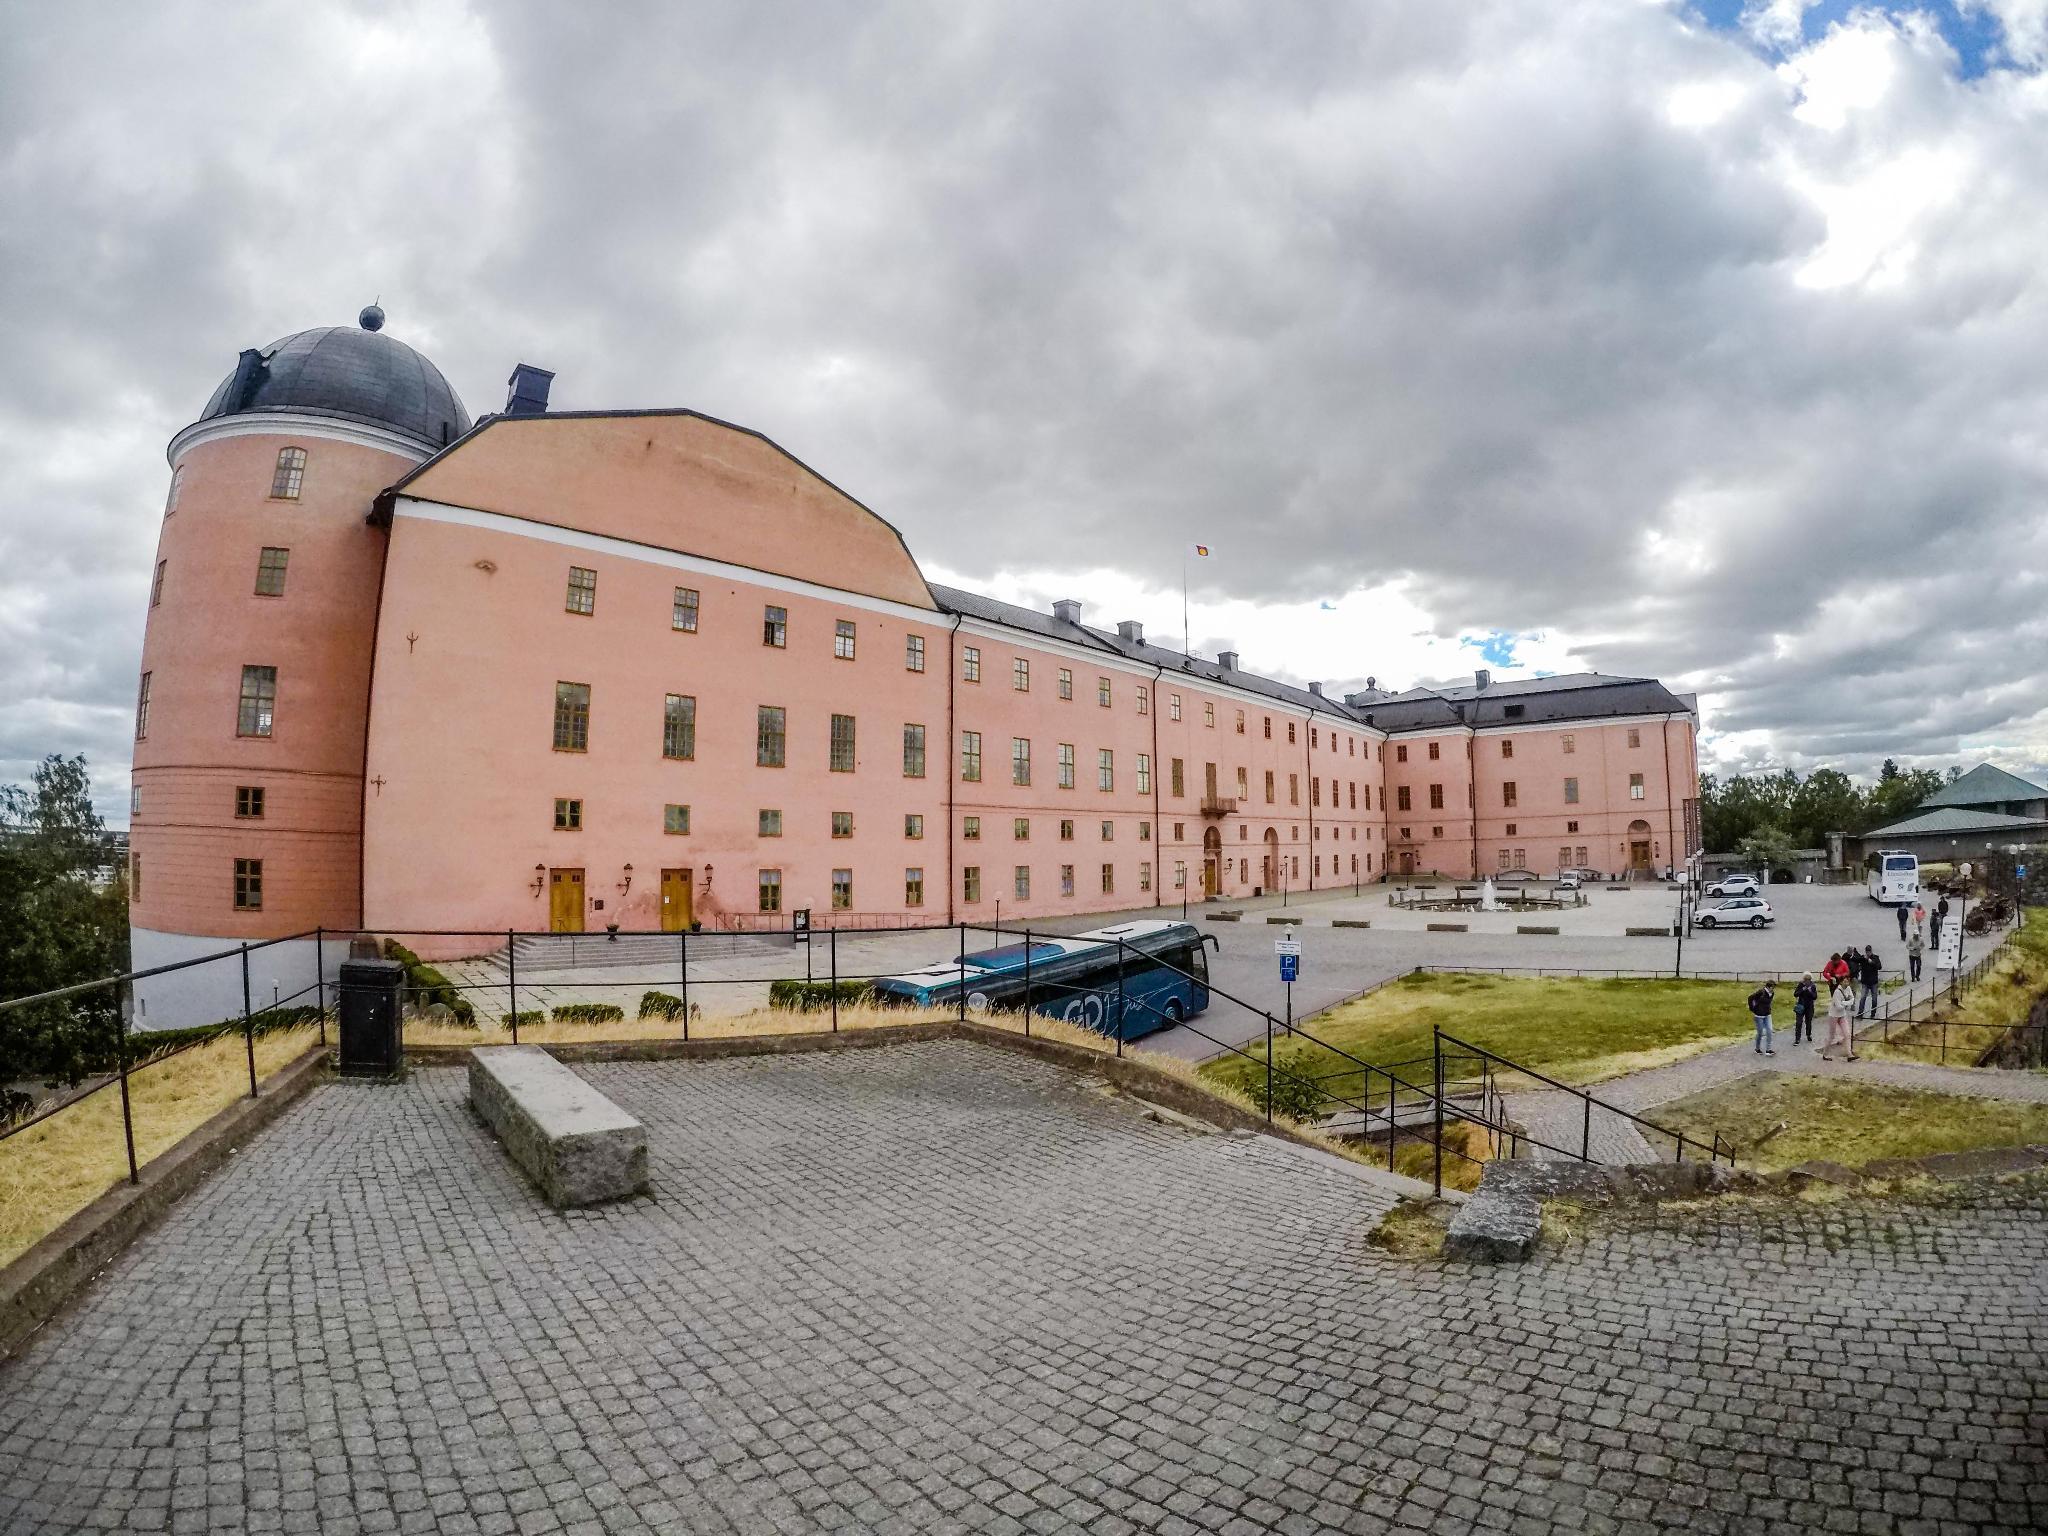 【北歐景點】瑞典的歷史縮影 — 老城烏普薩拉(Uppsala)的人文風景 11